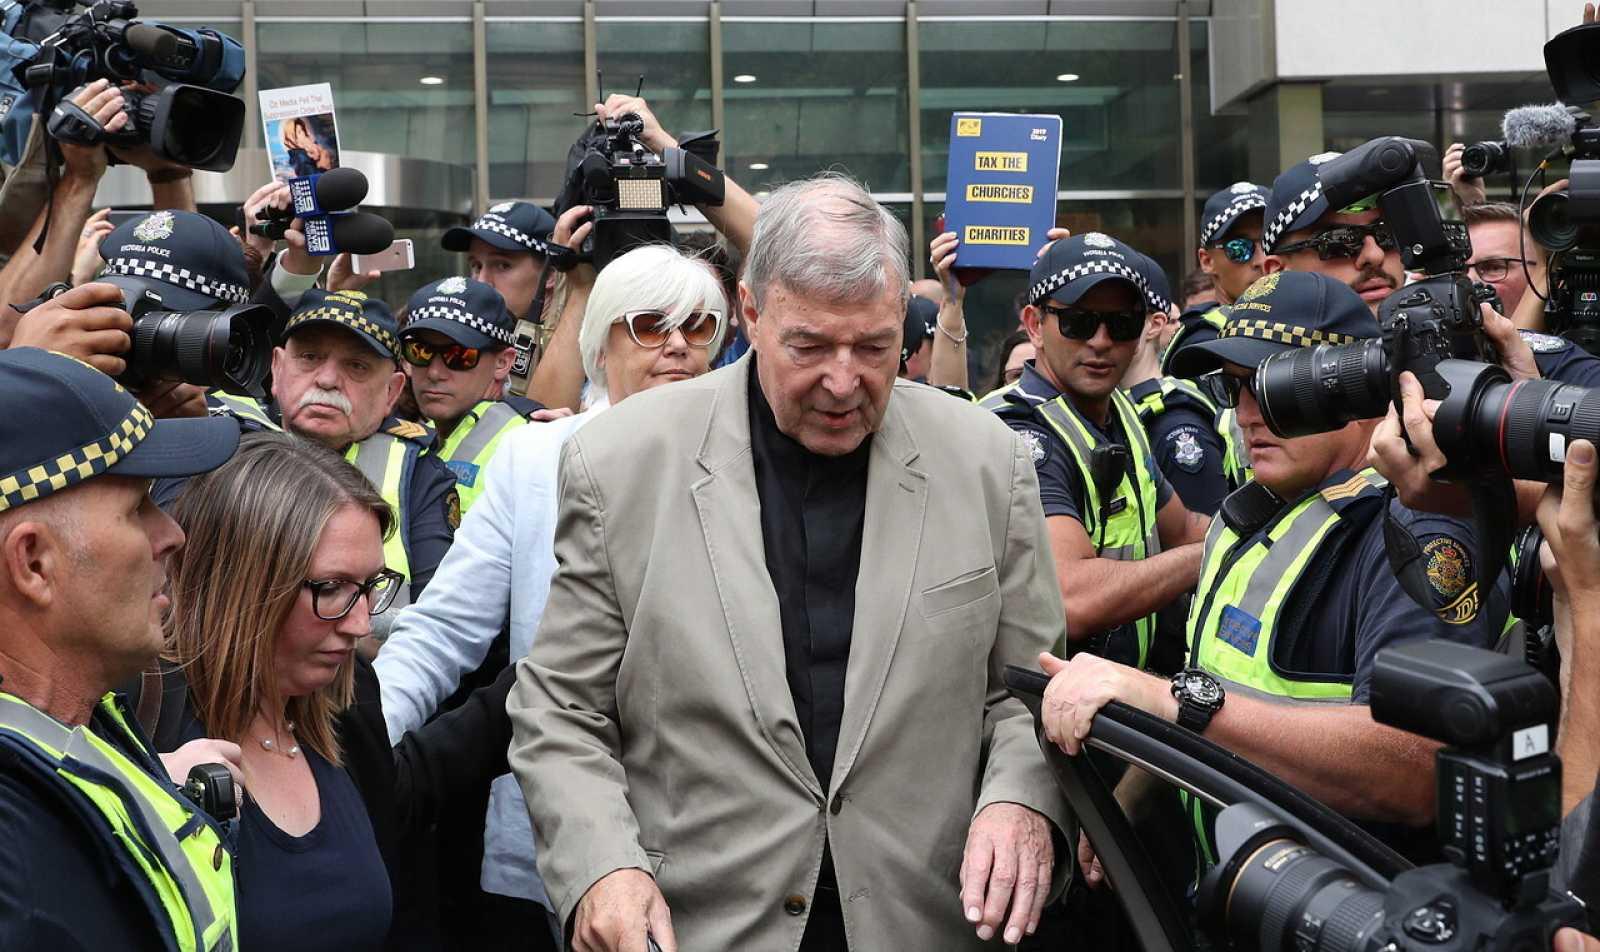 El cardenal Pell sale de los tirbunales de Melbourne en 2019